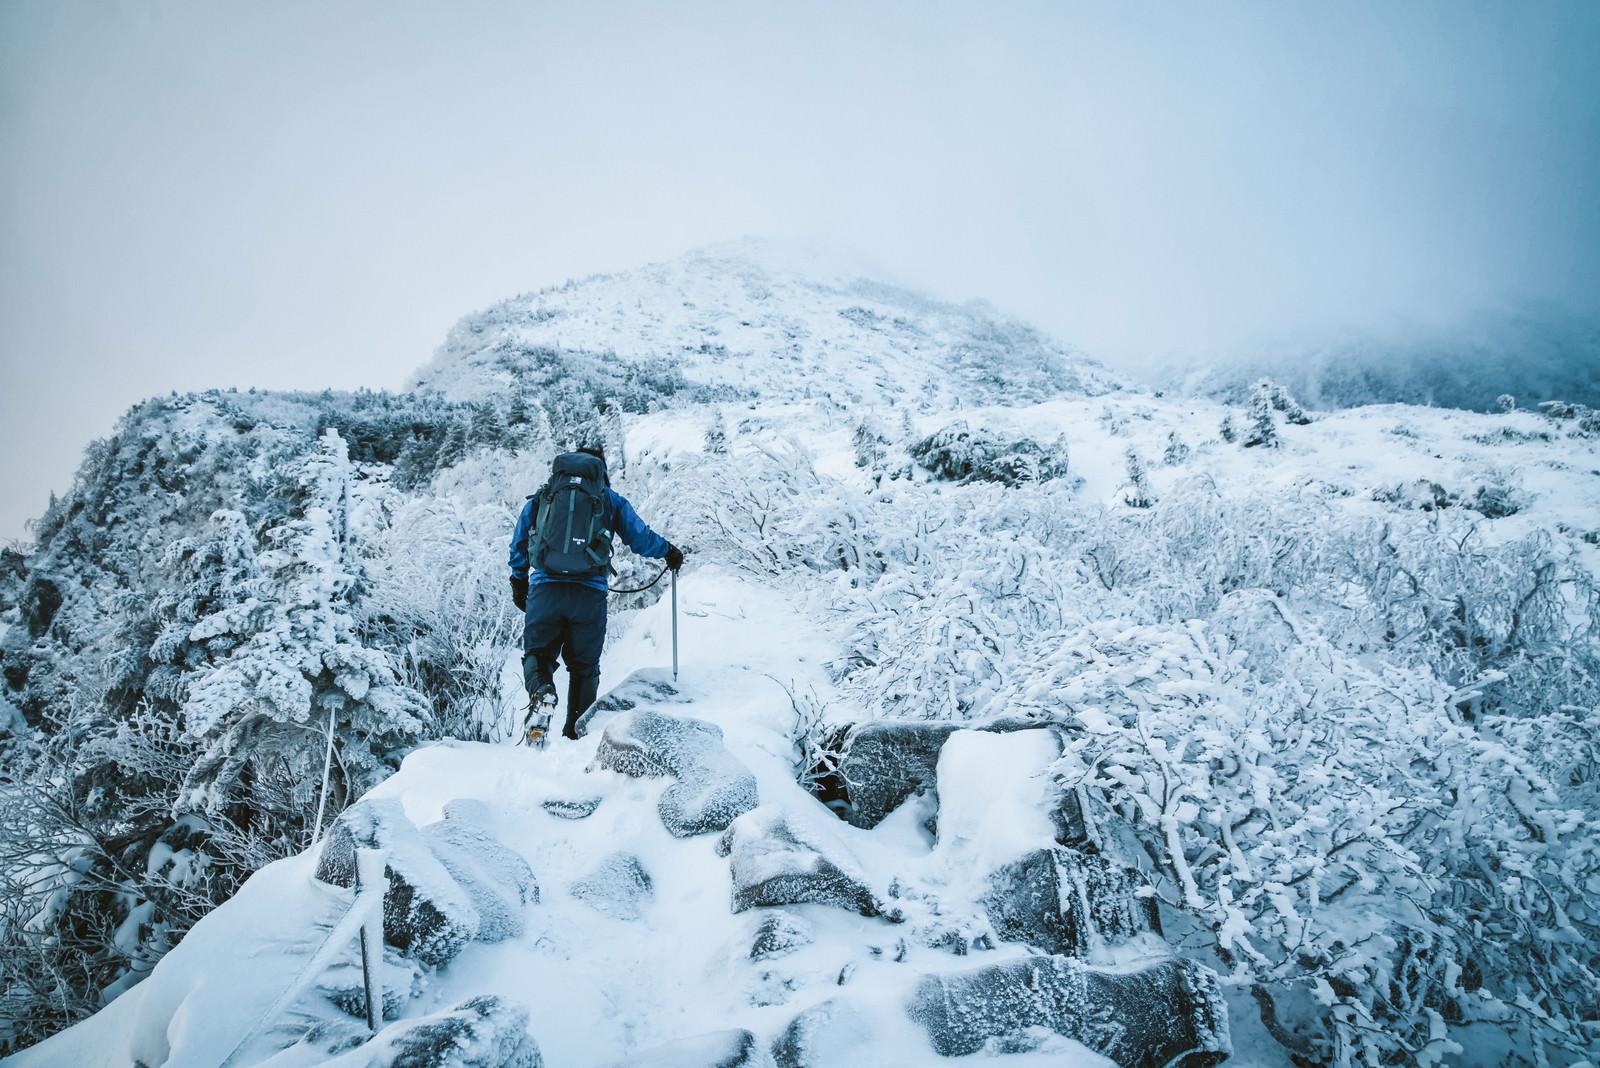 「厳冬の登山道で道狭き場所を歩く登山者」の写真